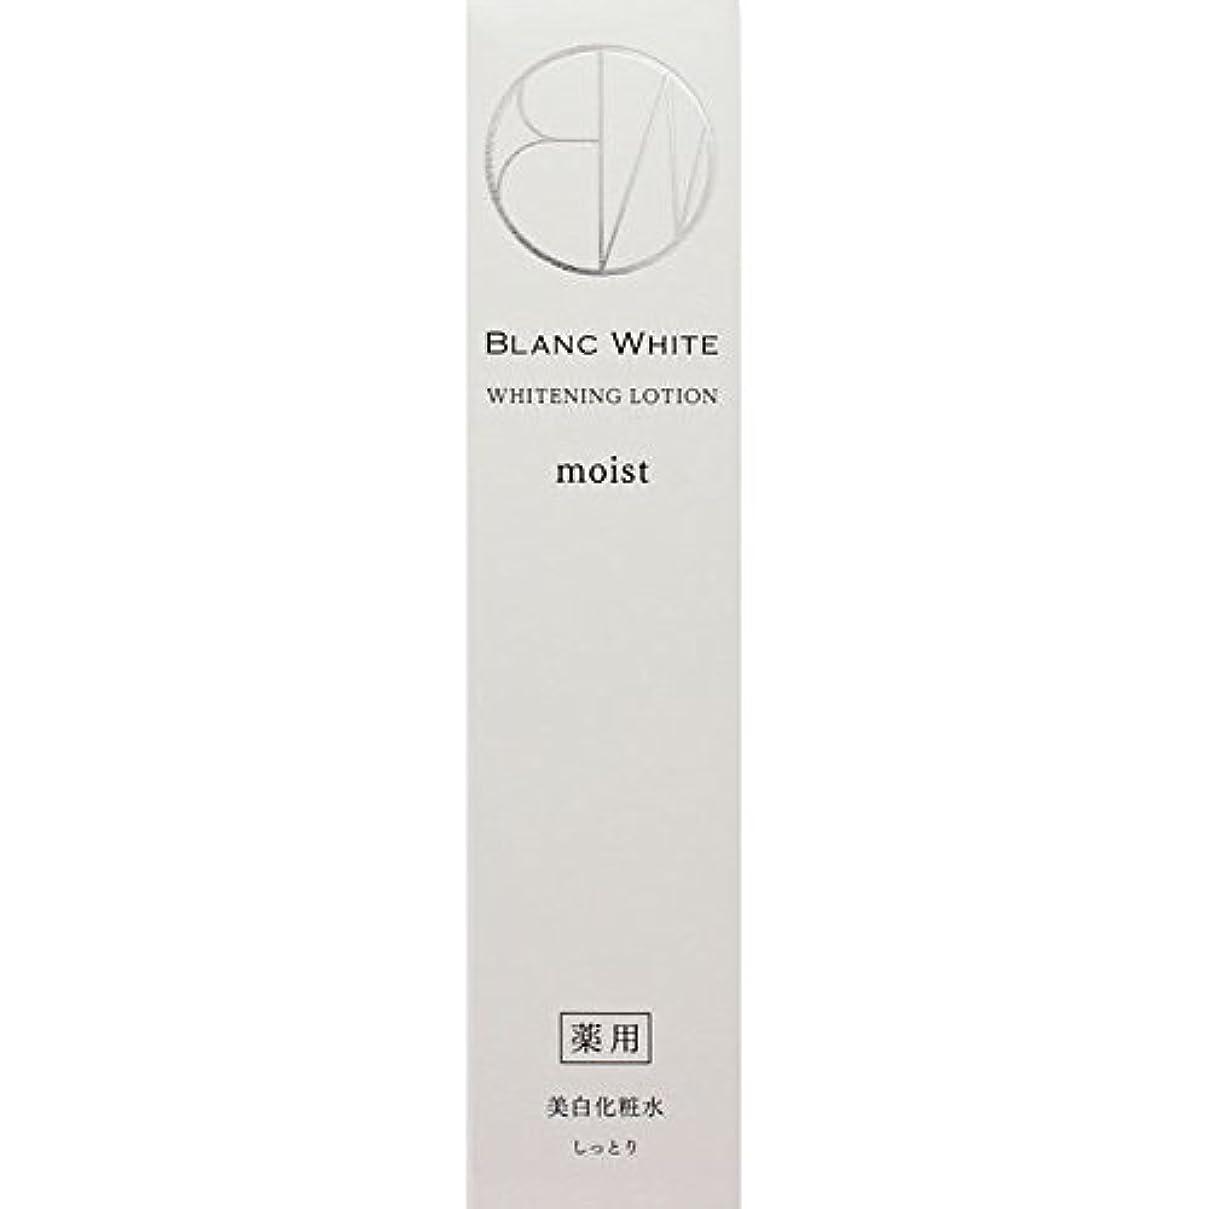 勇気松の木ぬいぐるみブランホワイト ホワイトニングローション モイスト 160ml (医薬部外品)